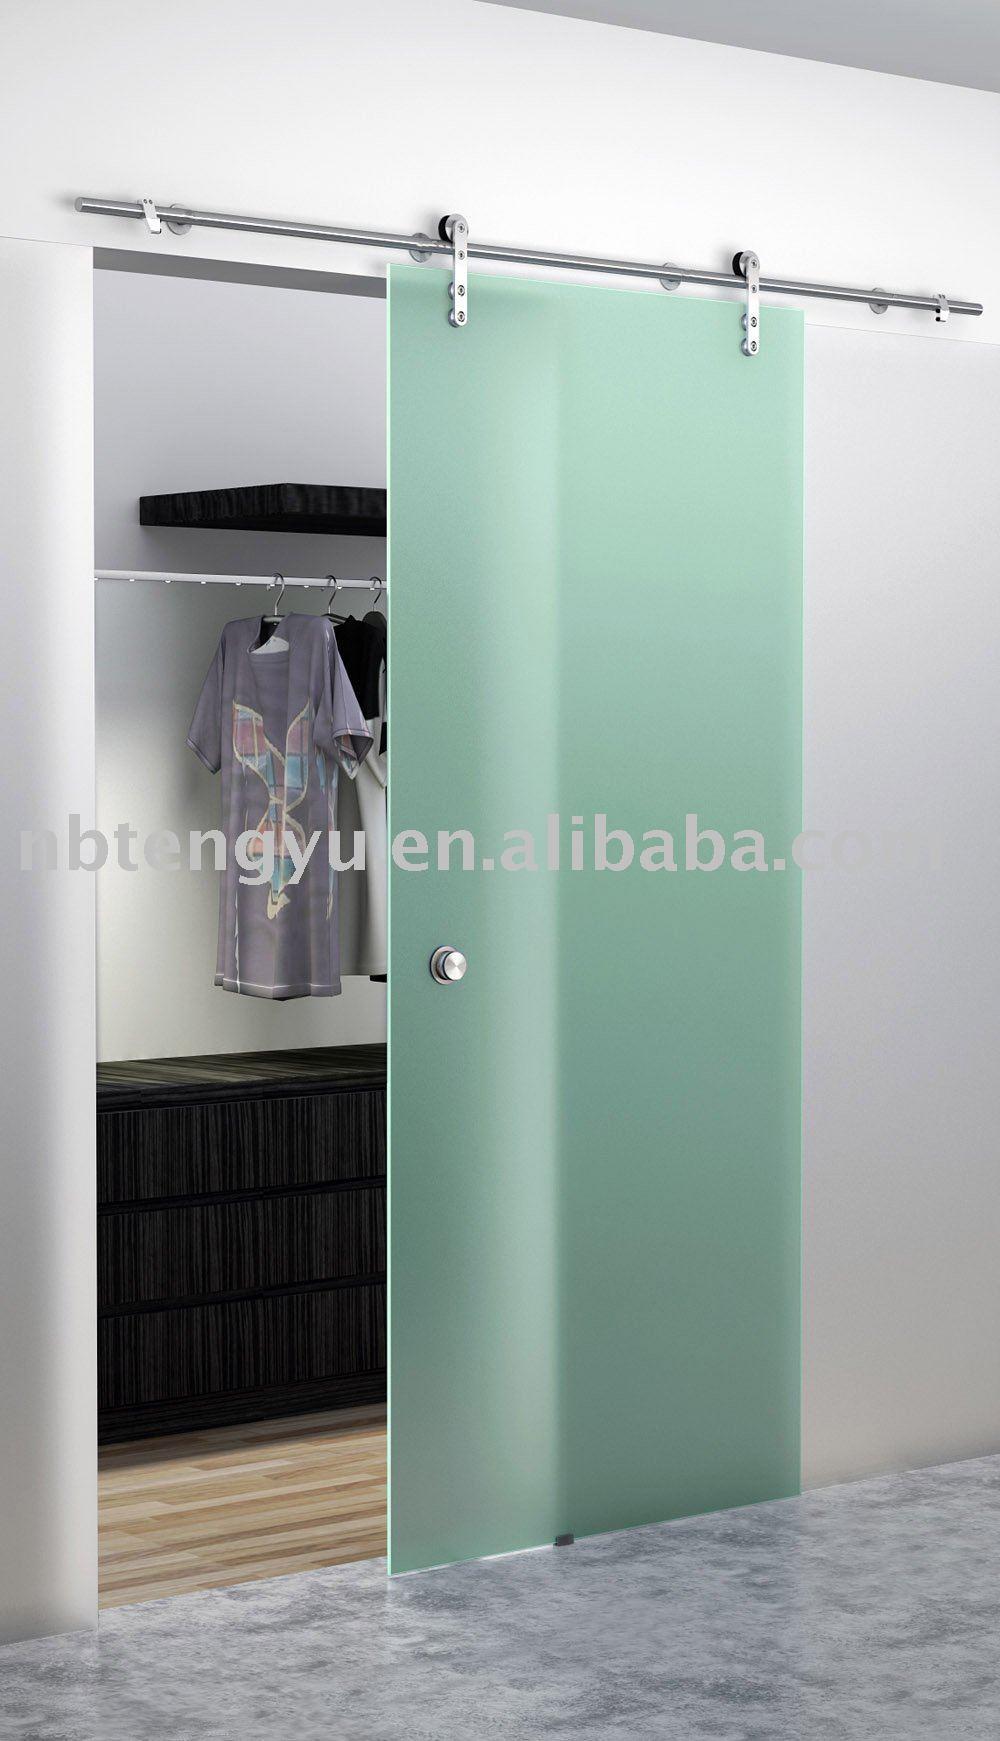 Armoire porte coulissante en verre portes id de produit for Porte coulissante salle de bain verre